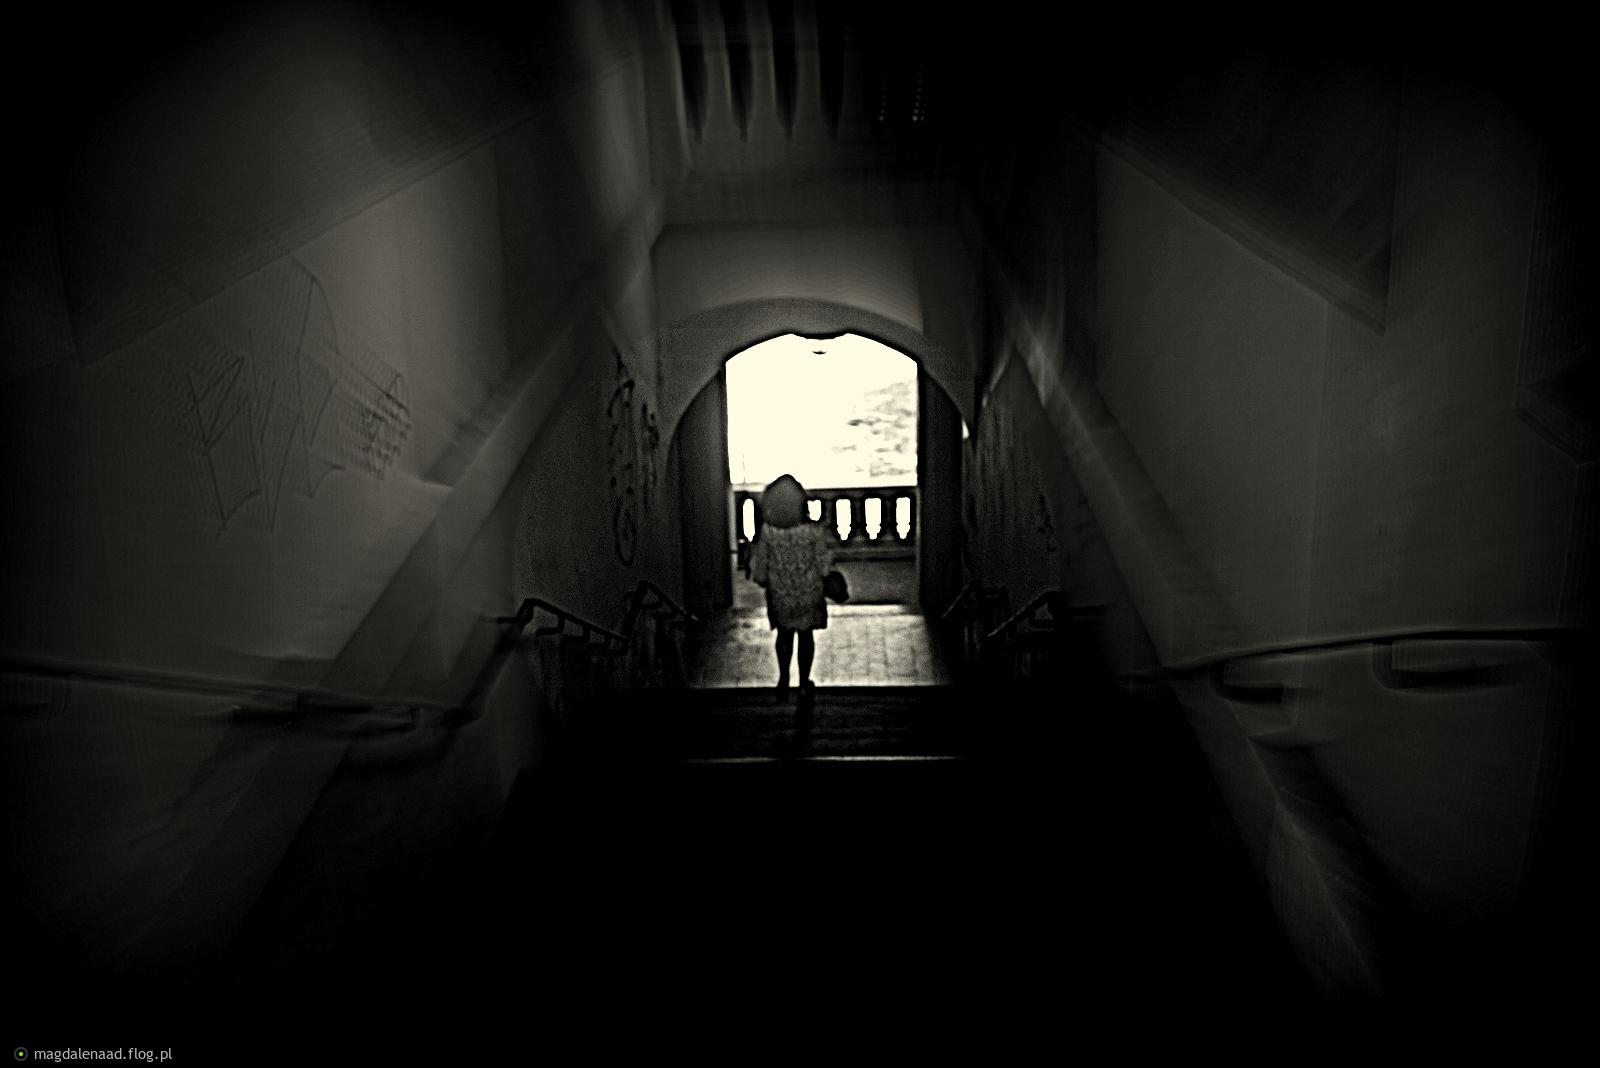 nie bój się cieni, one świadczą o tym, że gdzieś znajduje się światło....